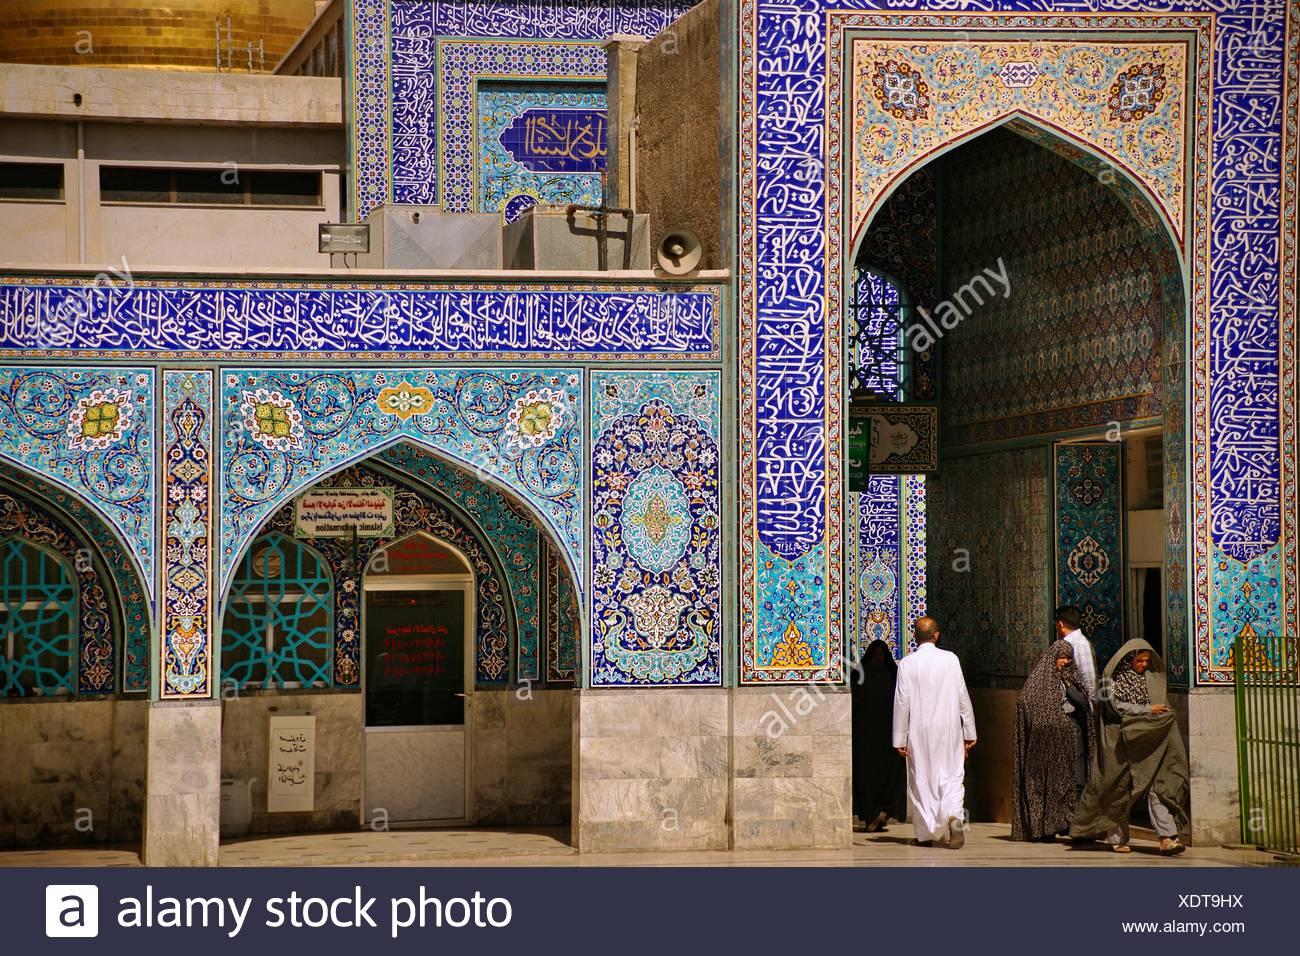 Zellige piastrelle ceramiche decorazioni sulle pareti della moschea